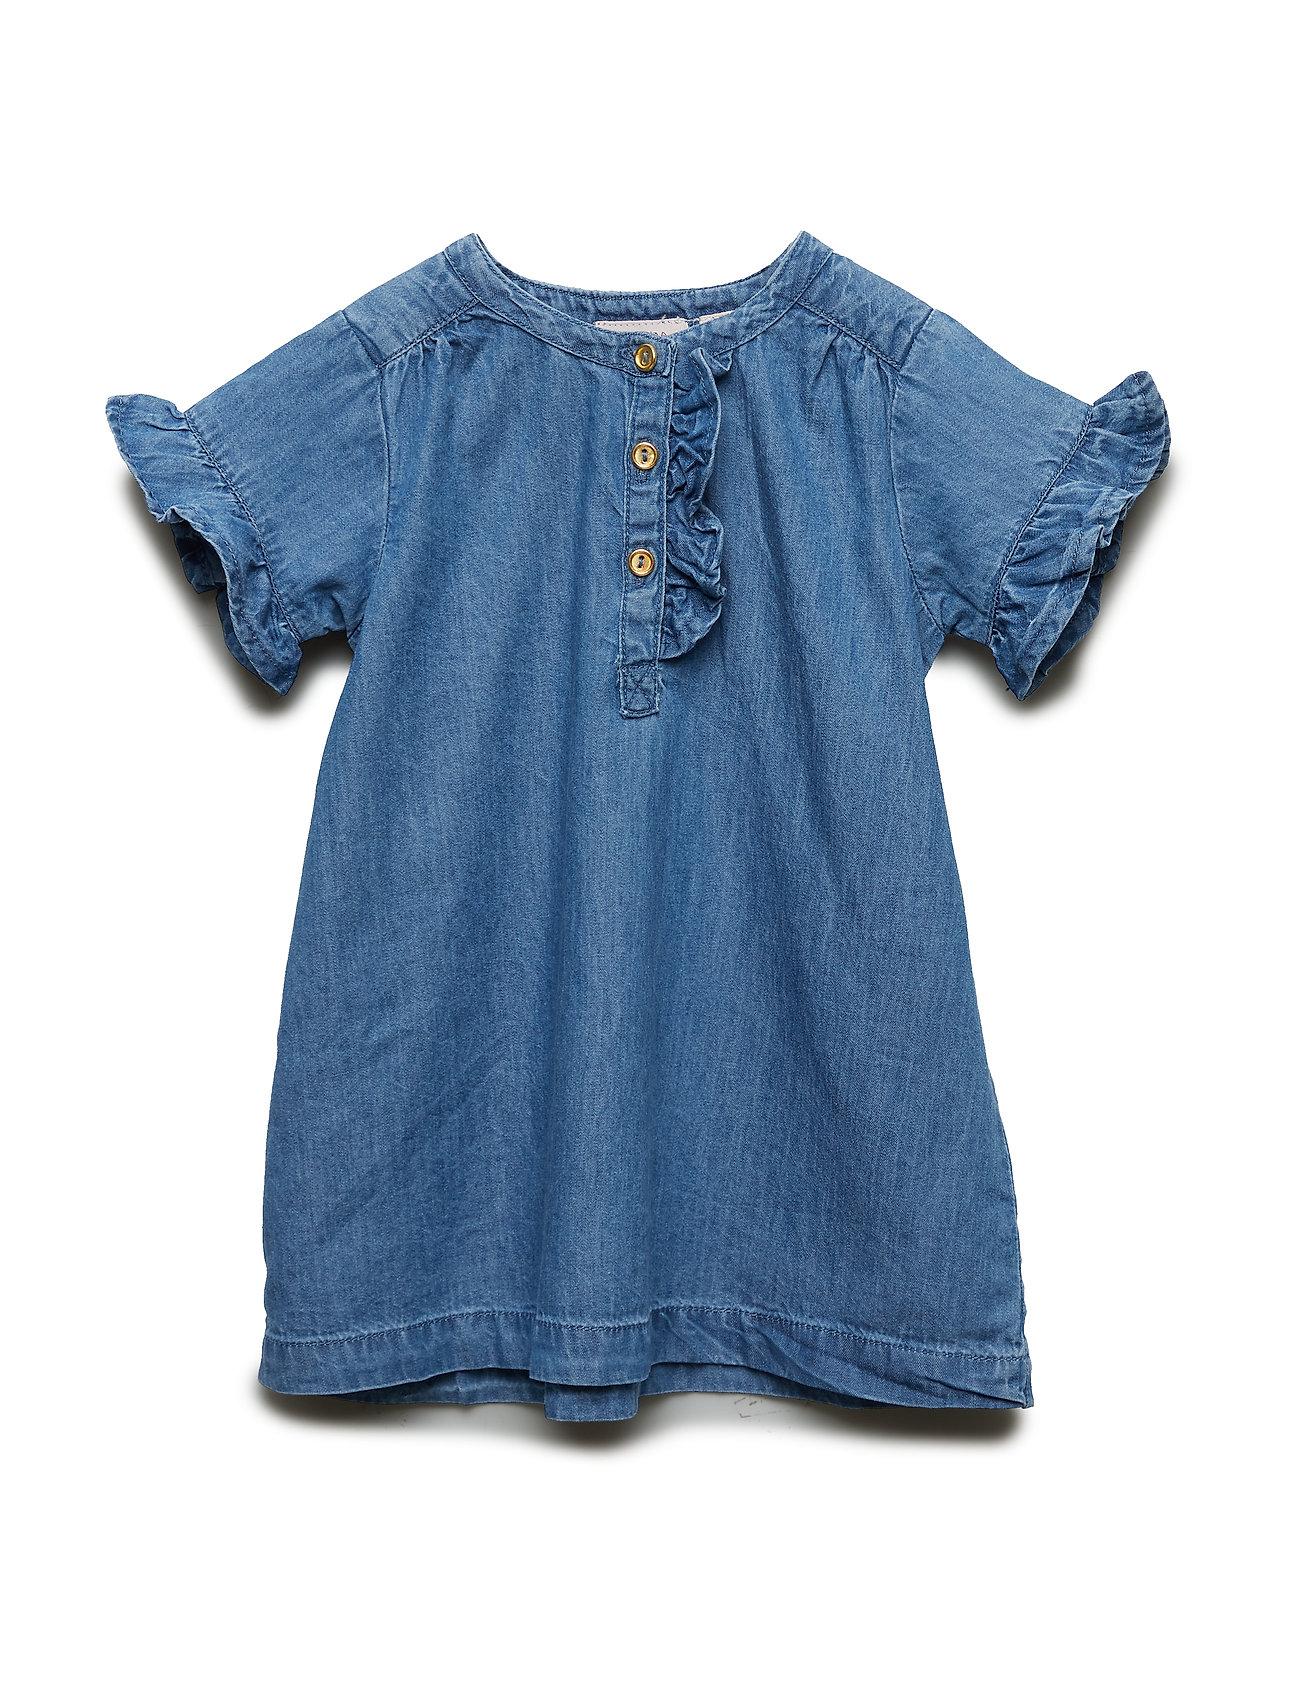 0bd7d241bc0 Dress Short Sleeve (Navy Peony) (182 kr) - Noa Noa Miniature ...